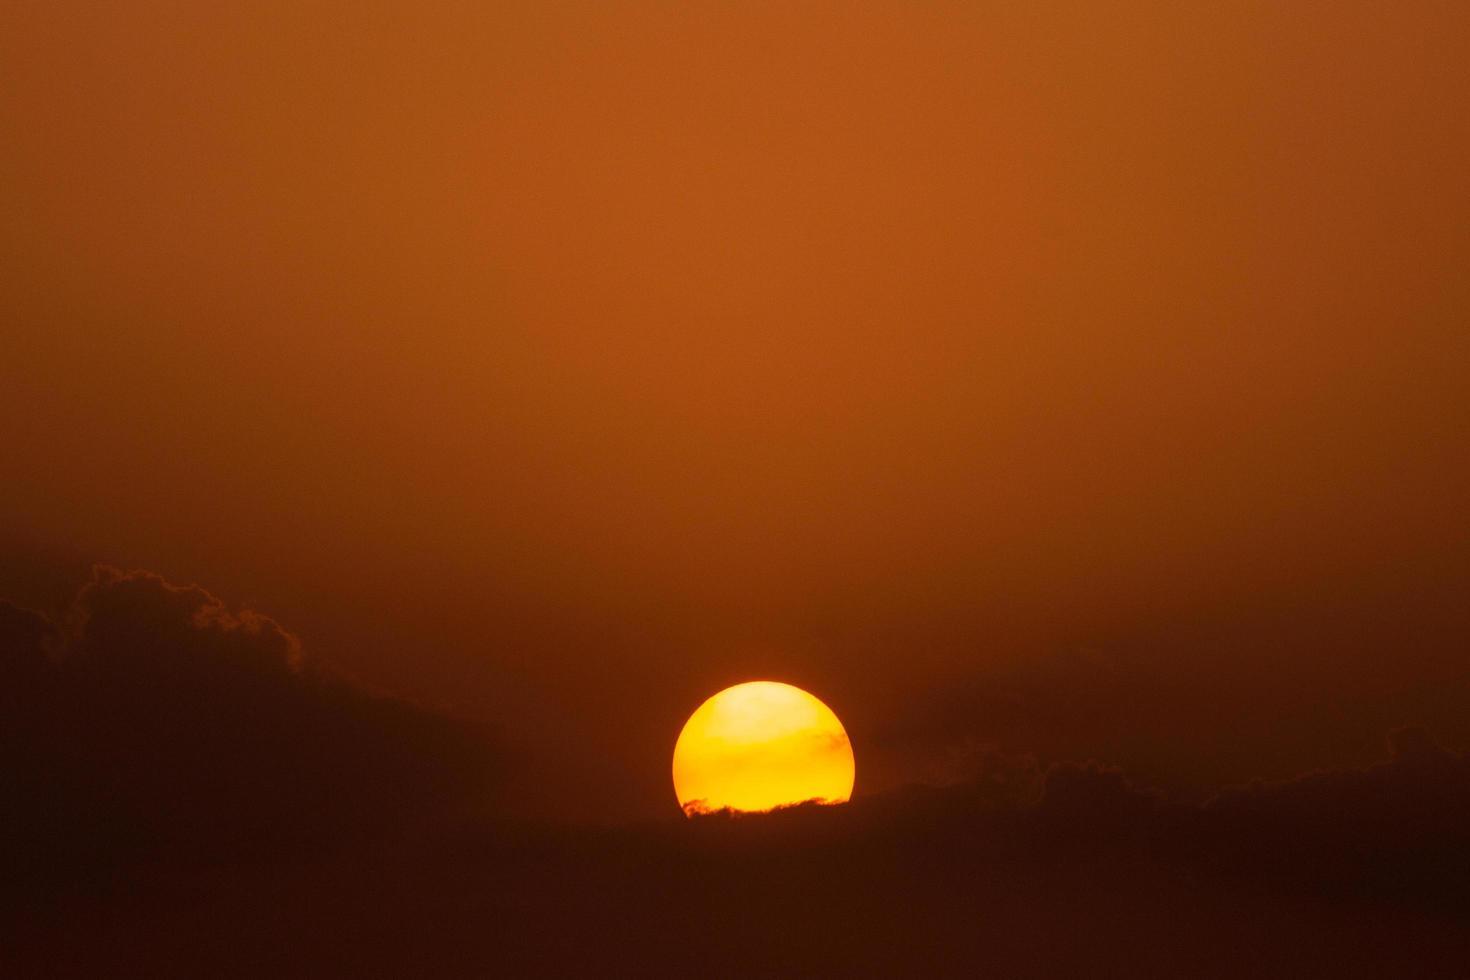 sol poniente detrás de las nubes foto